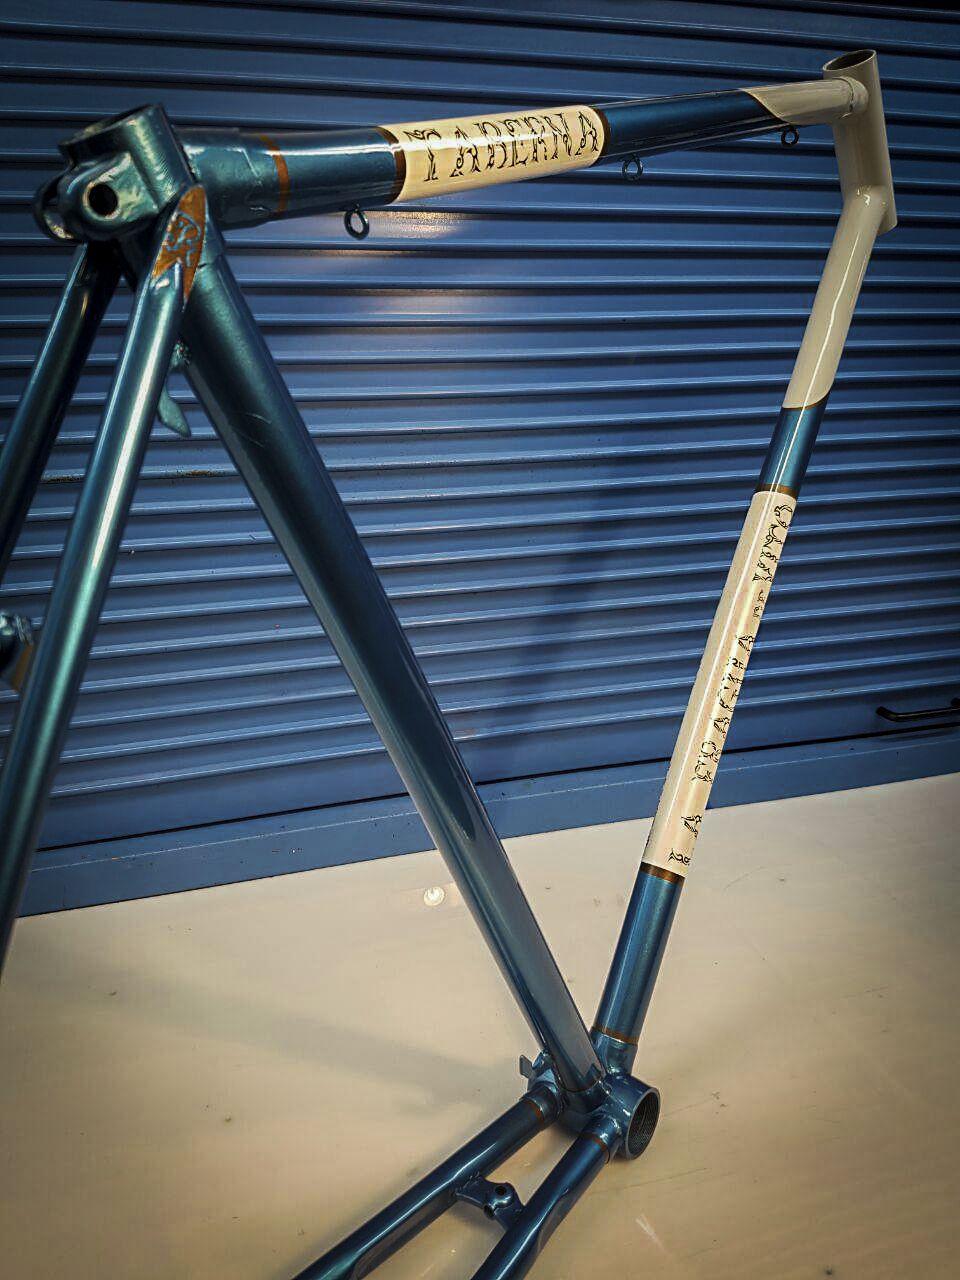 Restauración Bh Años 60 Para La Taberna La Fragua De Vito Pintura Pintura Bicicletas Diseño Personalización Pintura A La Ca Reparación Acero Bicicletas